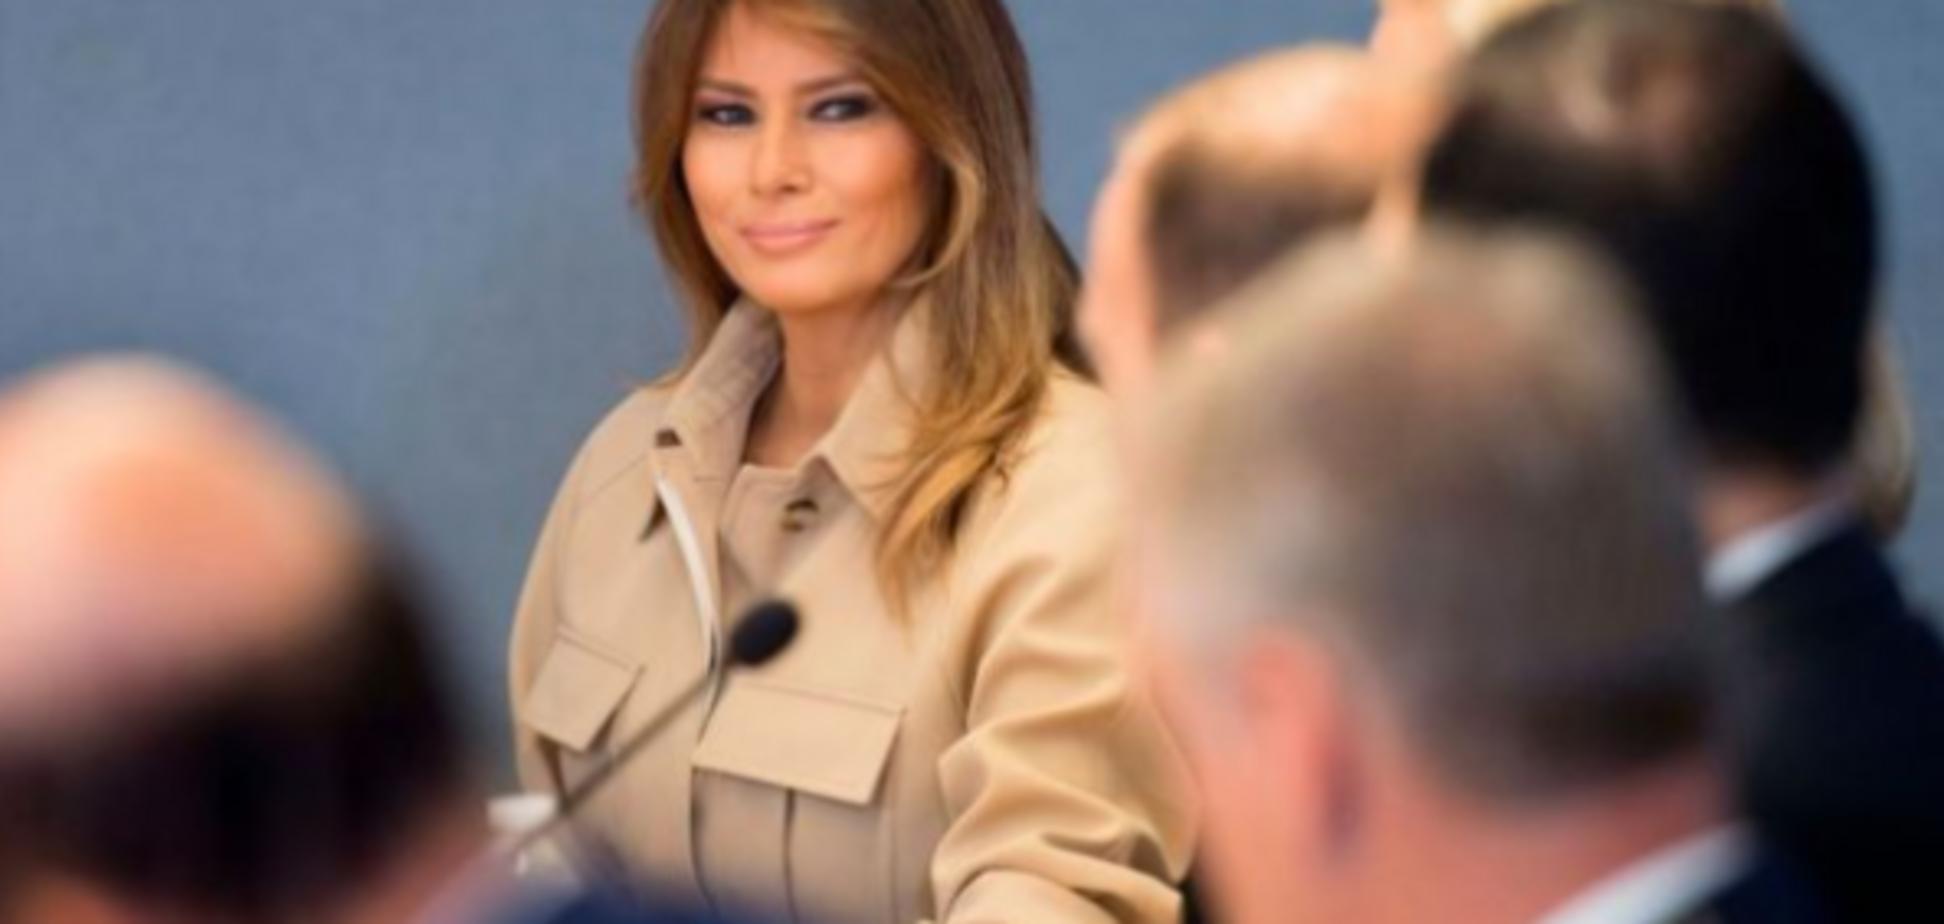 Меланія Трамп повторила образ Джекі Кеннеді